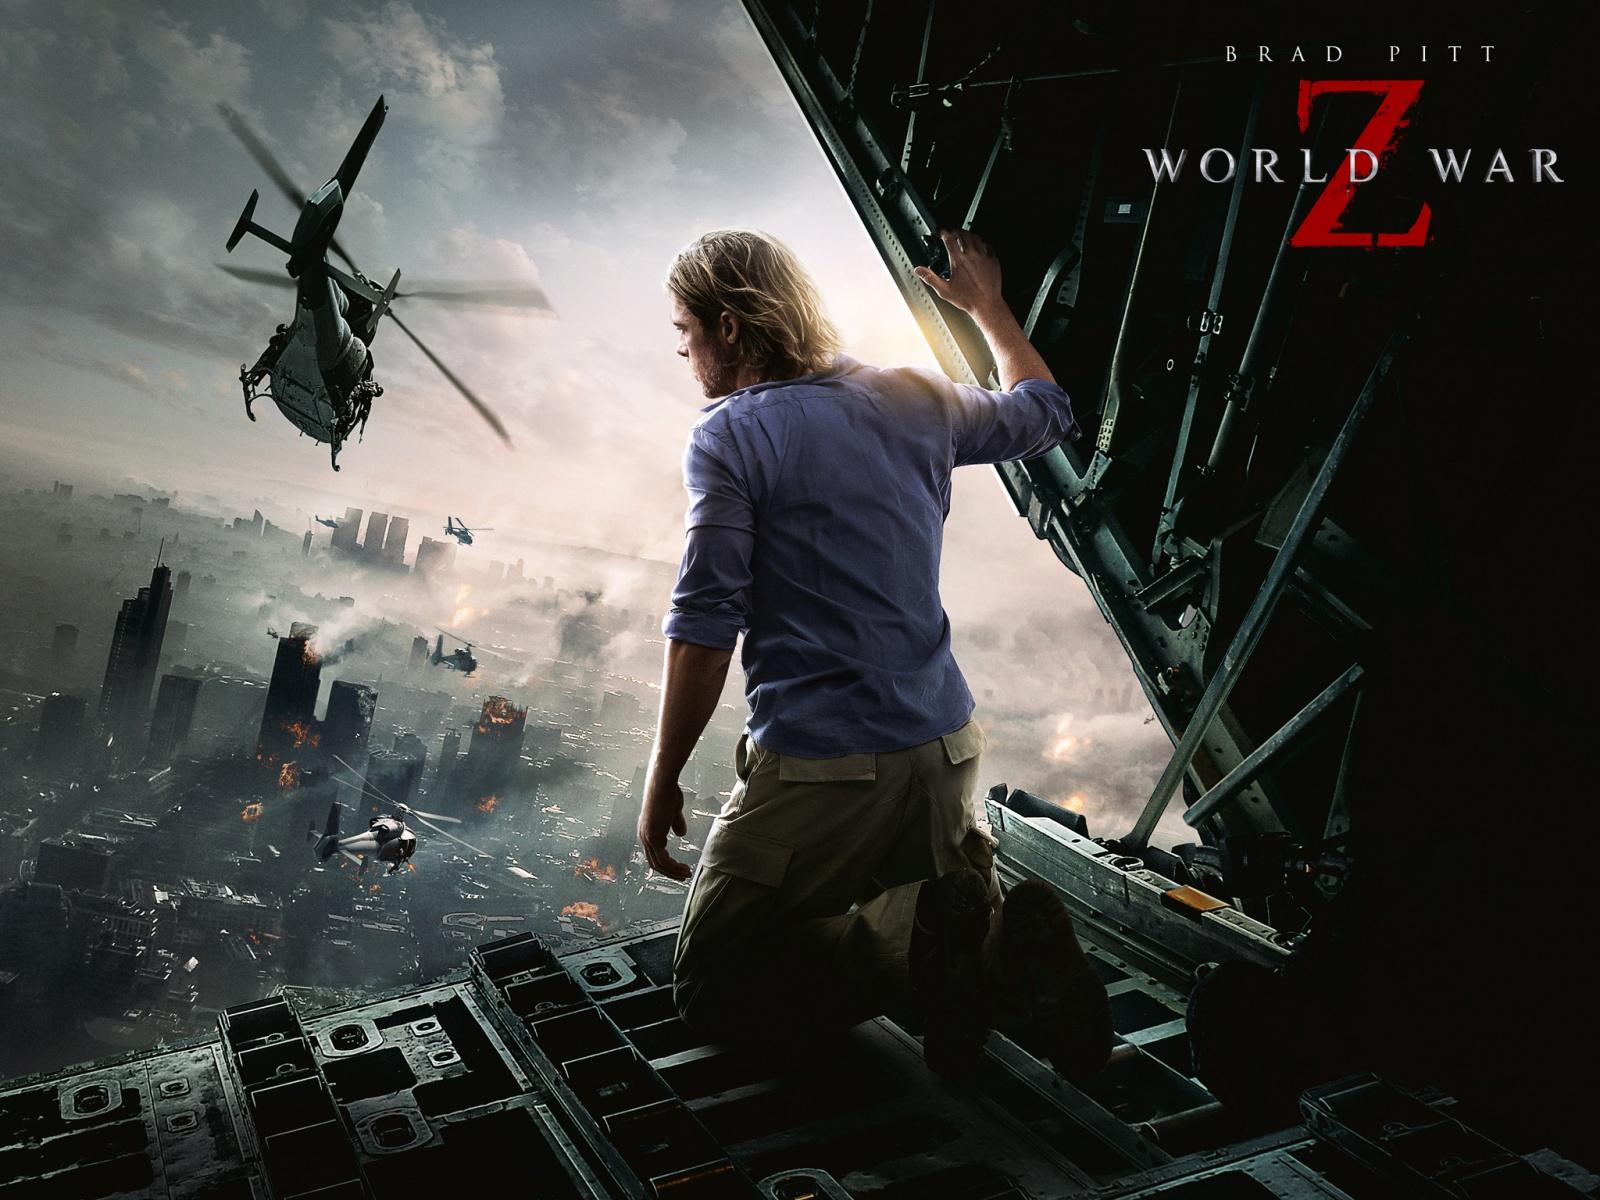 Brad Pitt World War Z Movie Wallpapers HD Wallpapers 1600x1200